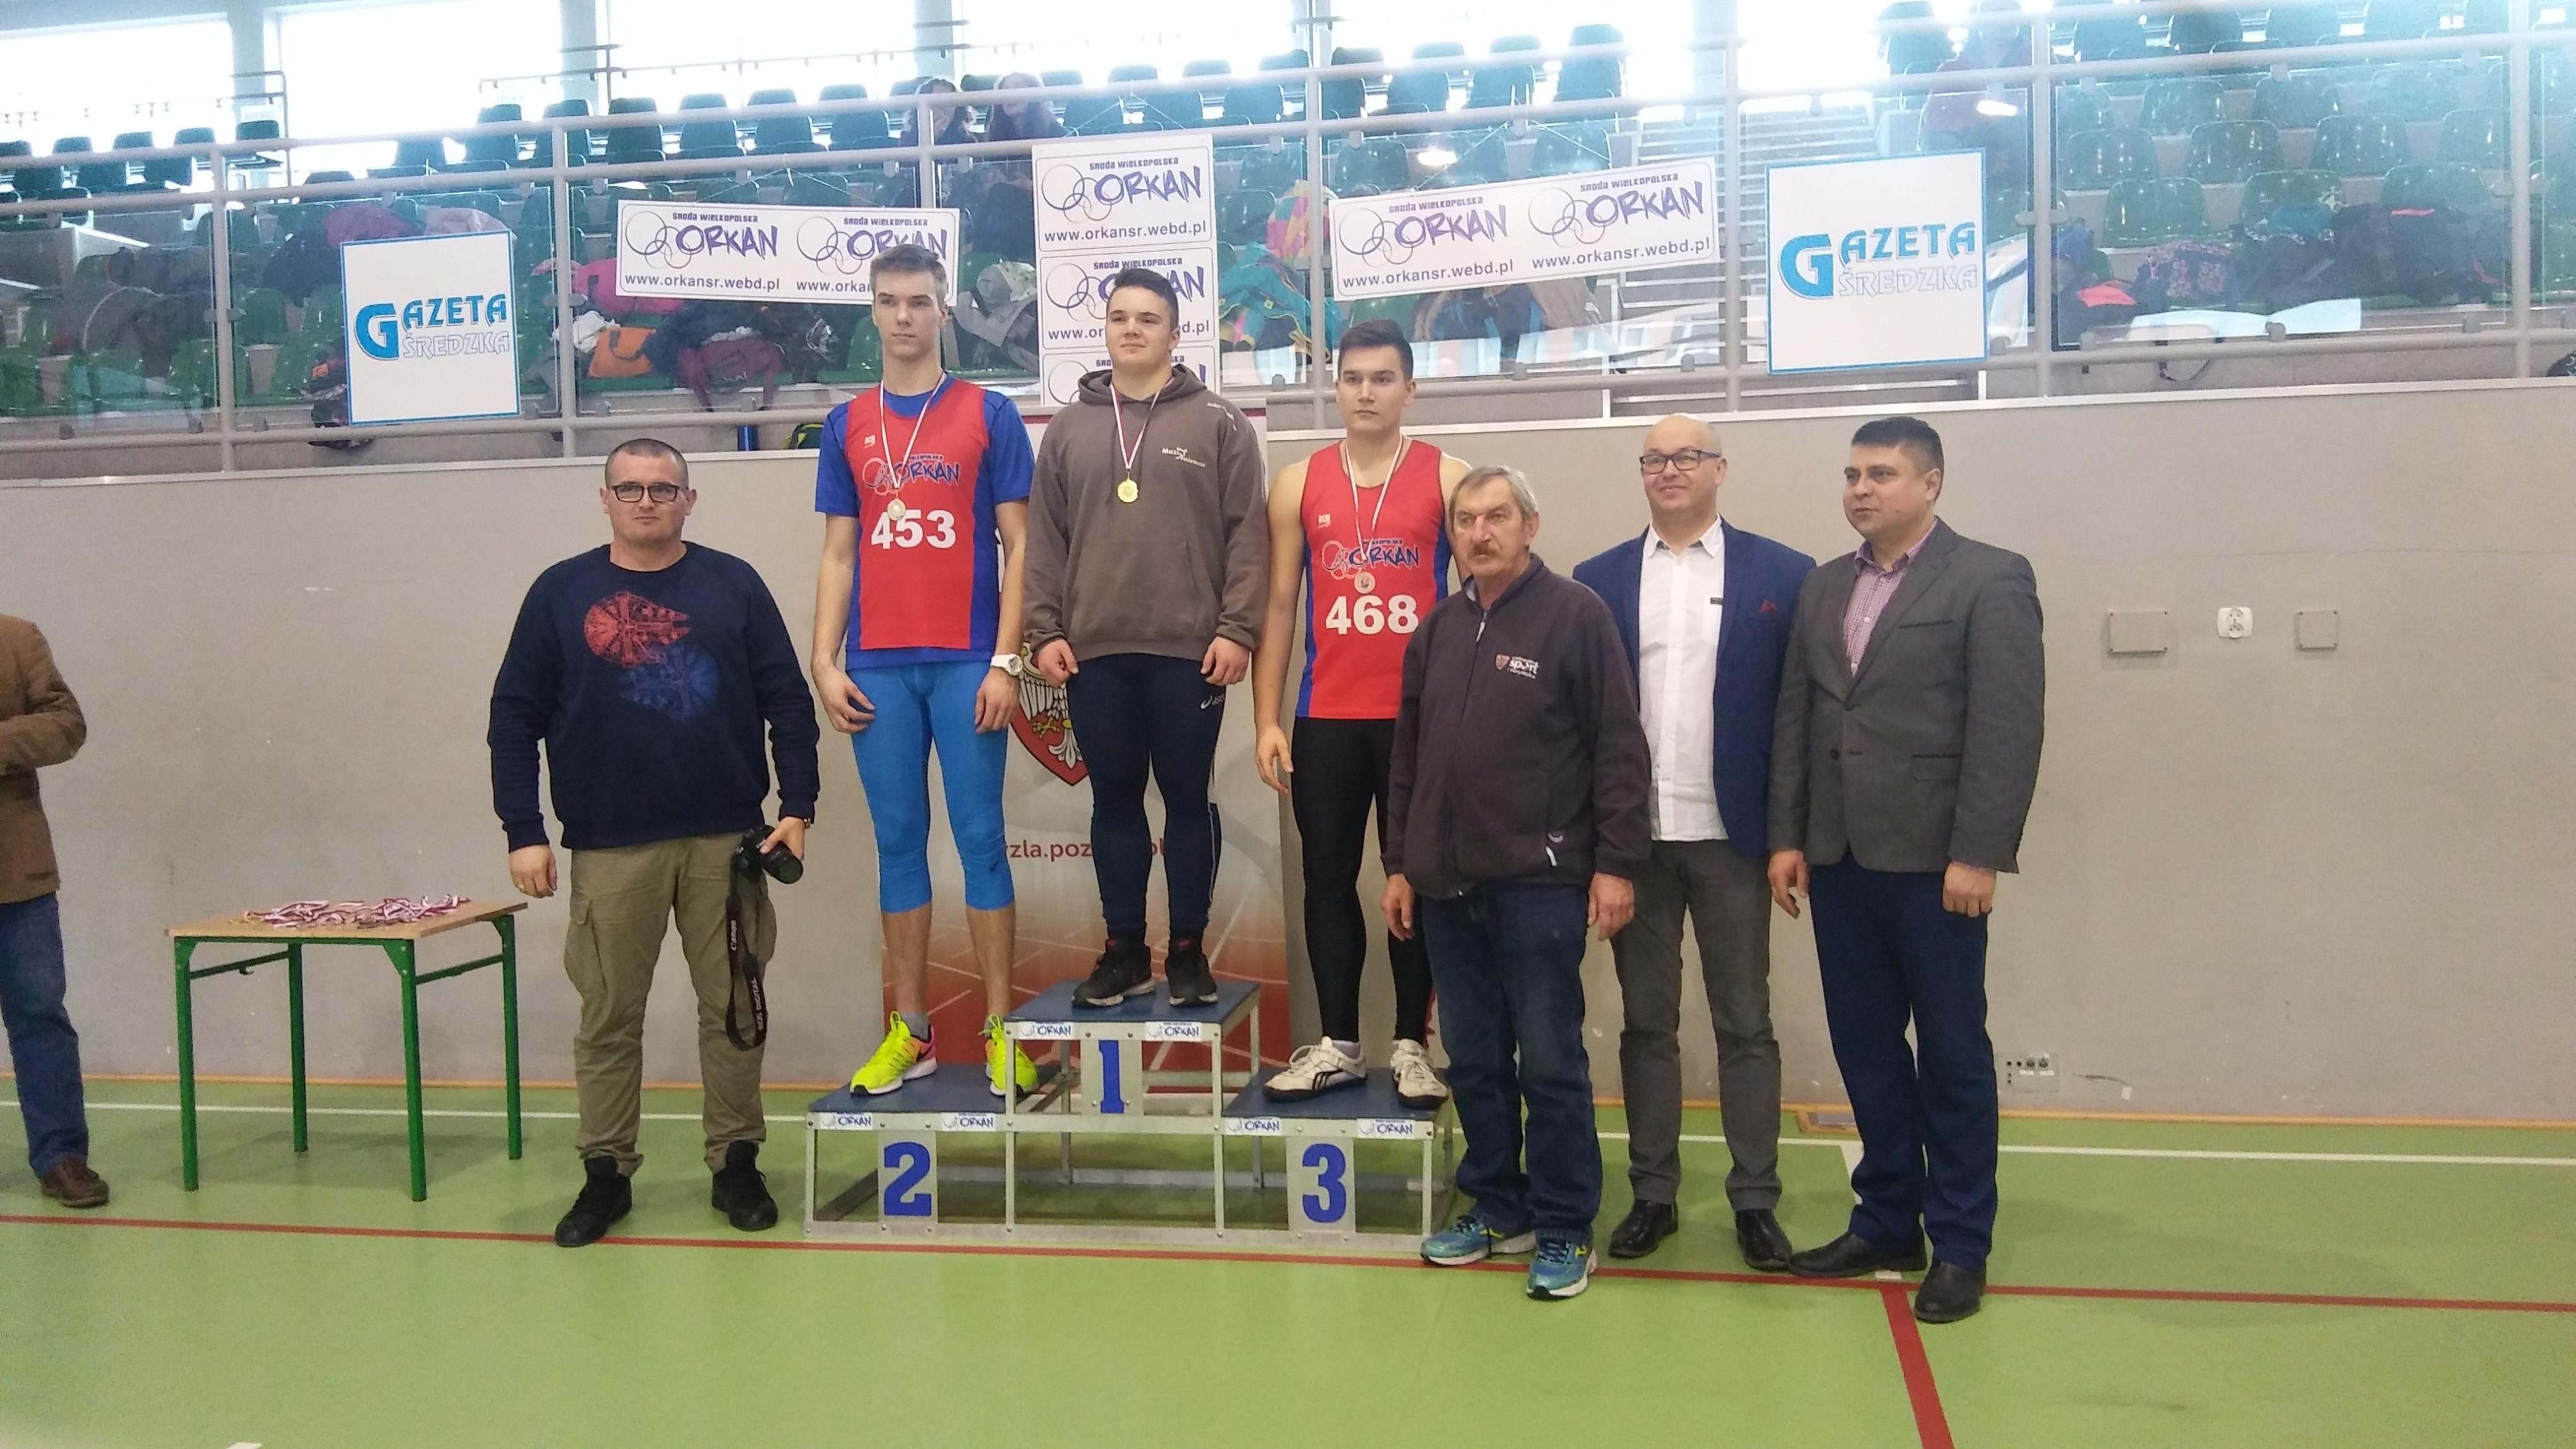 U18: 1m. Goździewicz Piotr 2m. Marok Wojciech 3m. Wlazły Jakub